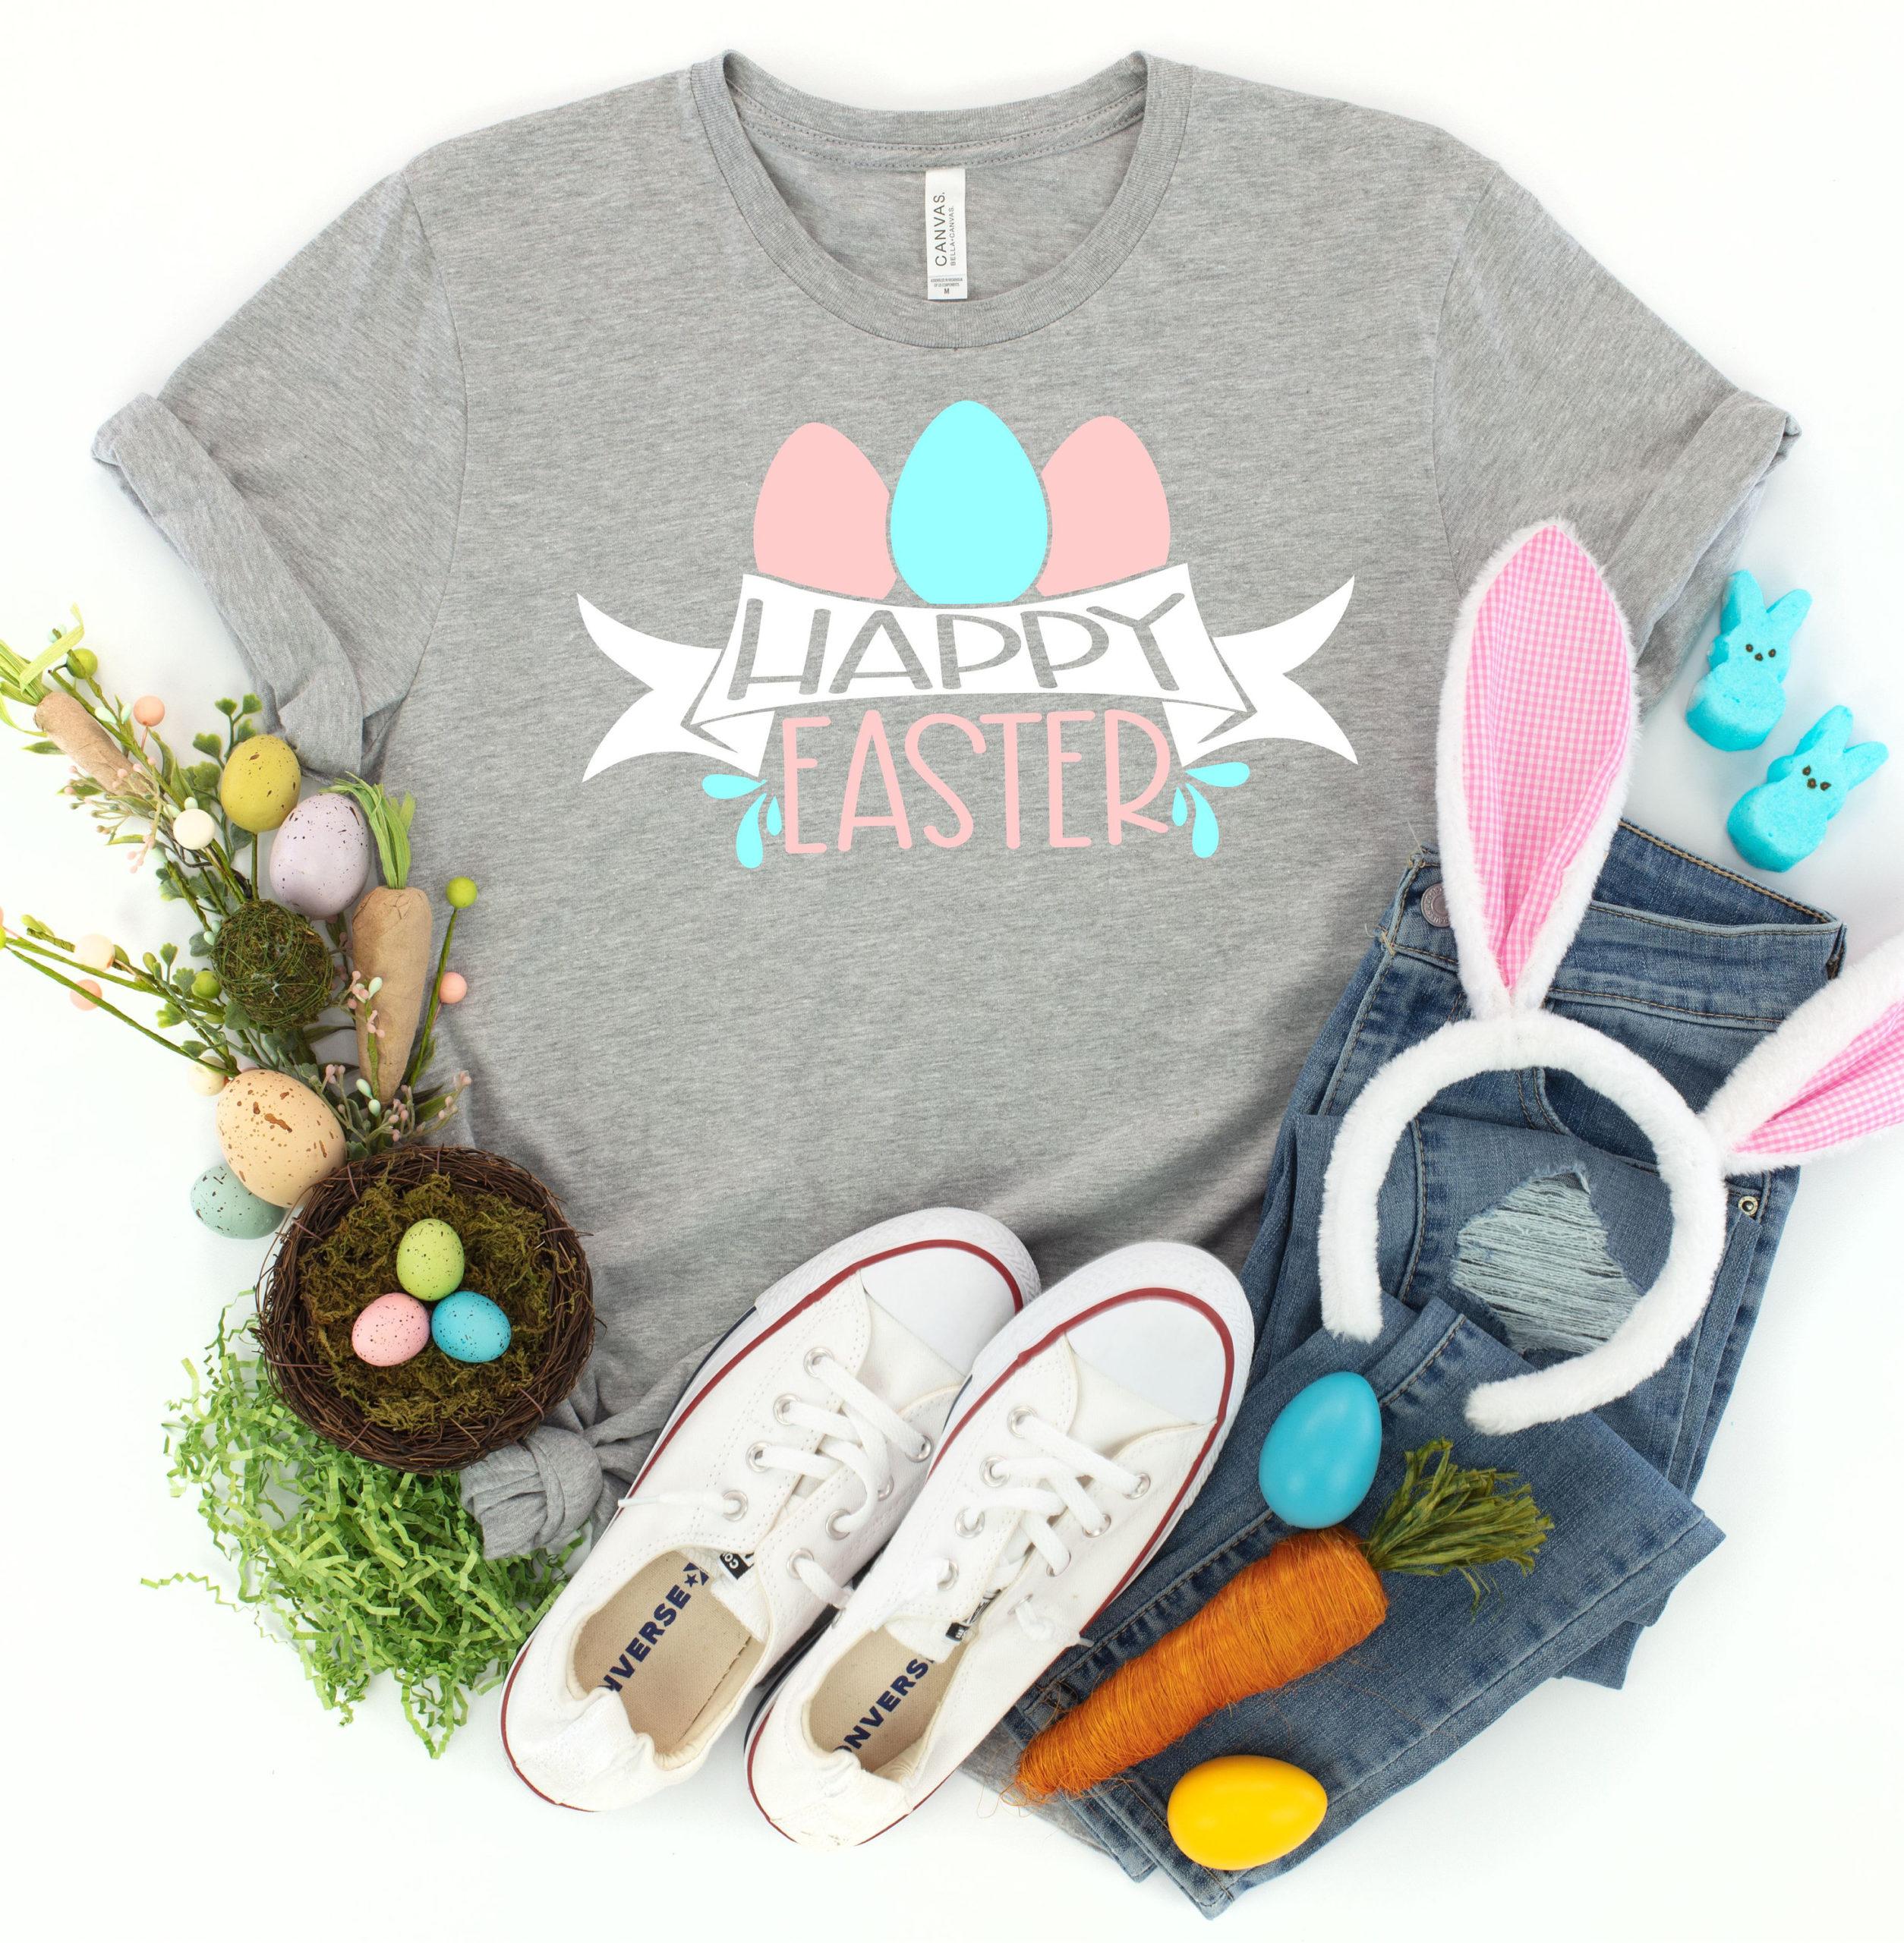 Easter-svg-happy-easter-svg-easter-svg-religious-svg-jesus-svgeaster-svg-design-easter-cut-file-easter-cricut-svg-svg-for-cricut-605129c8